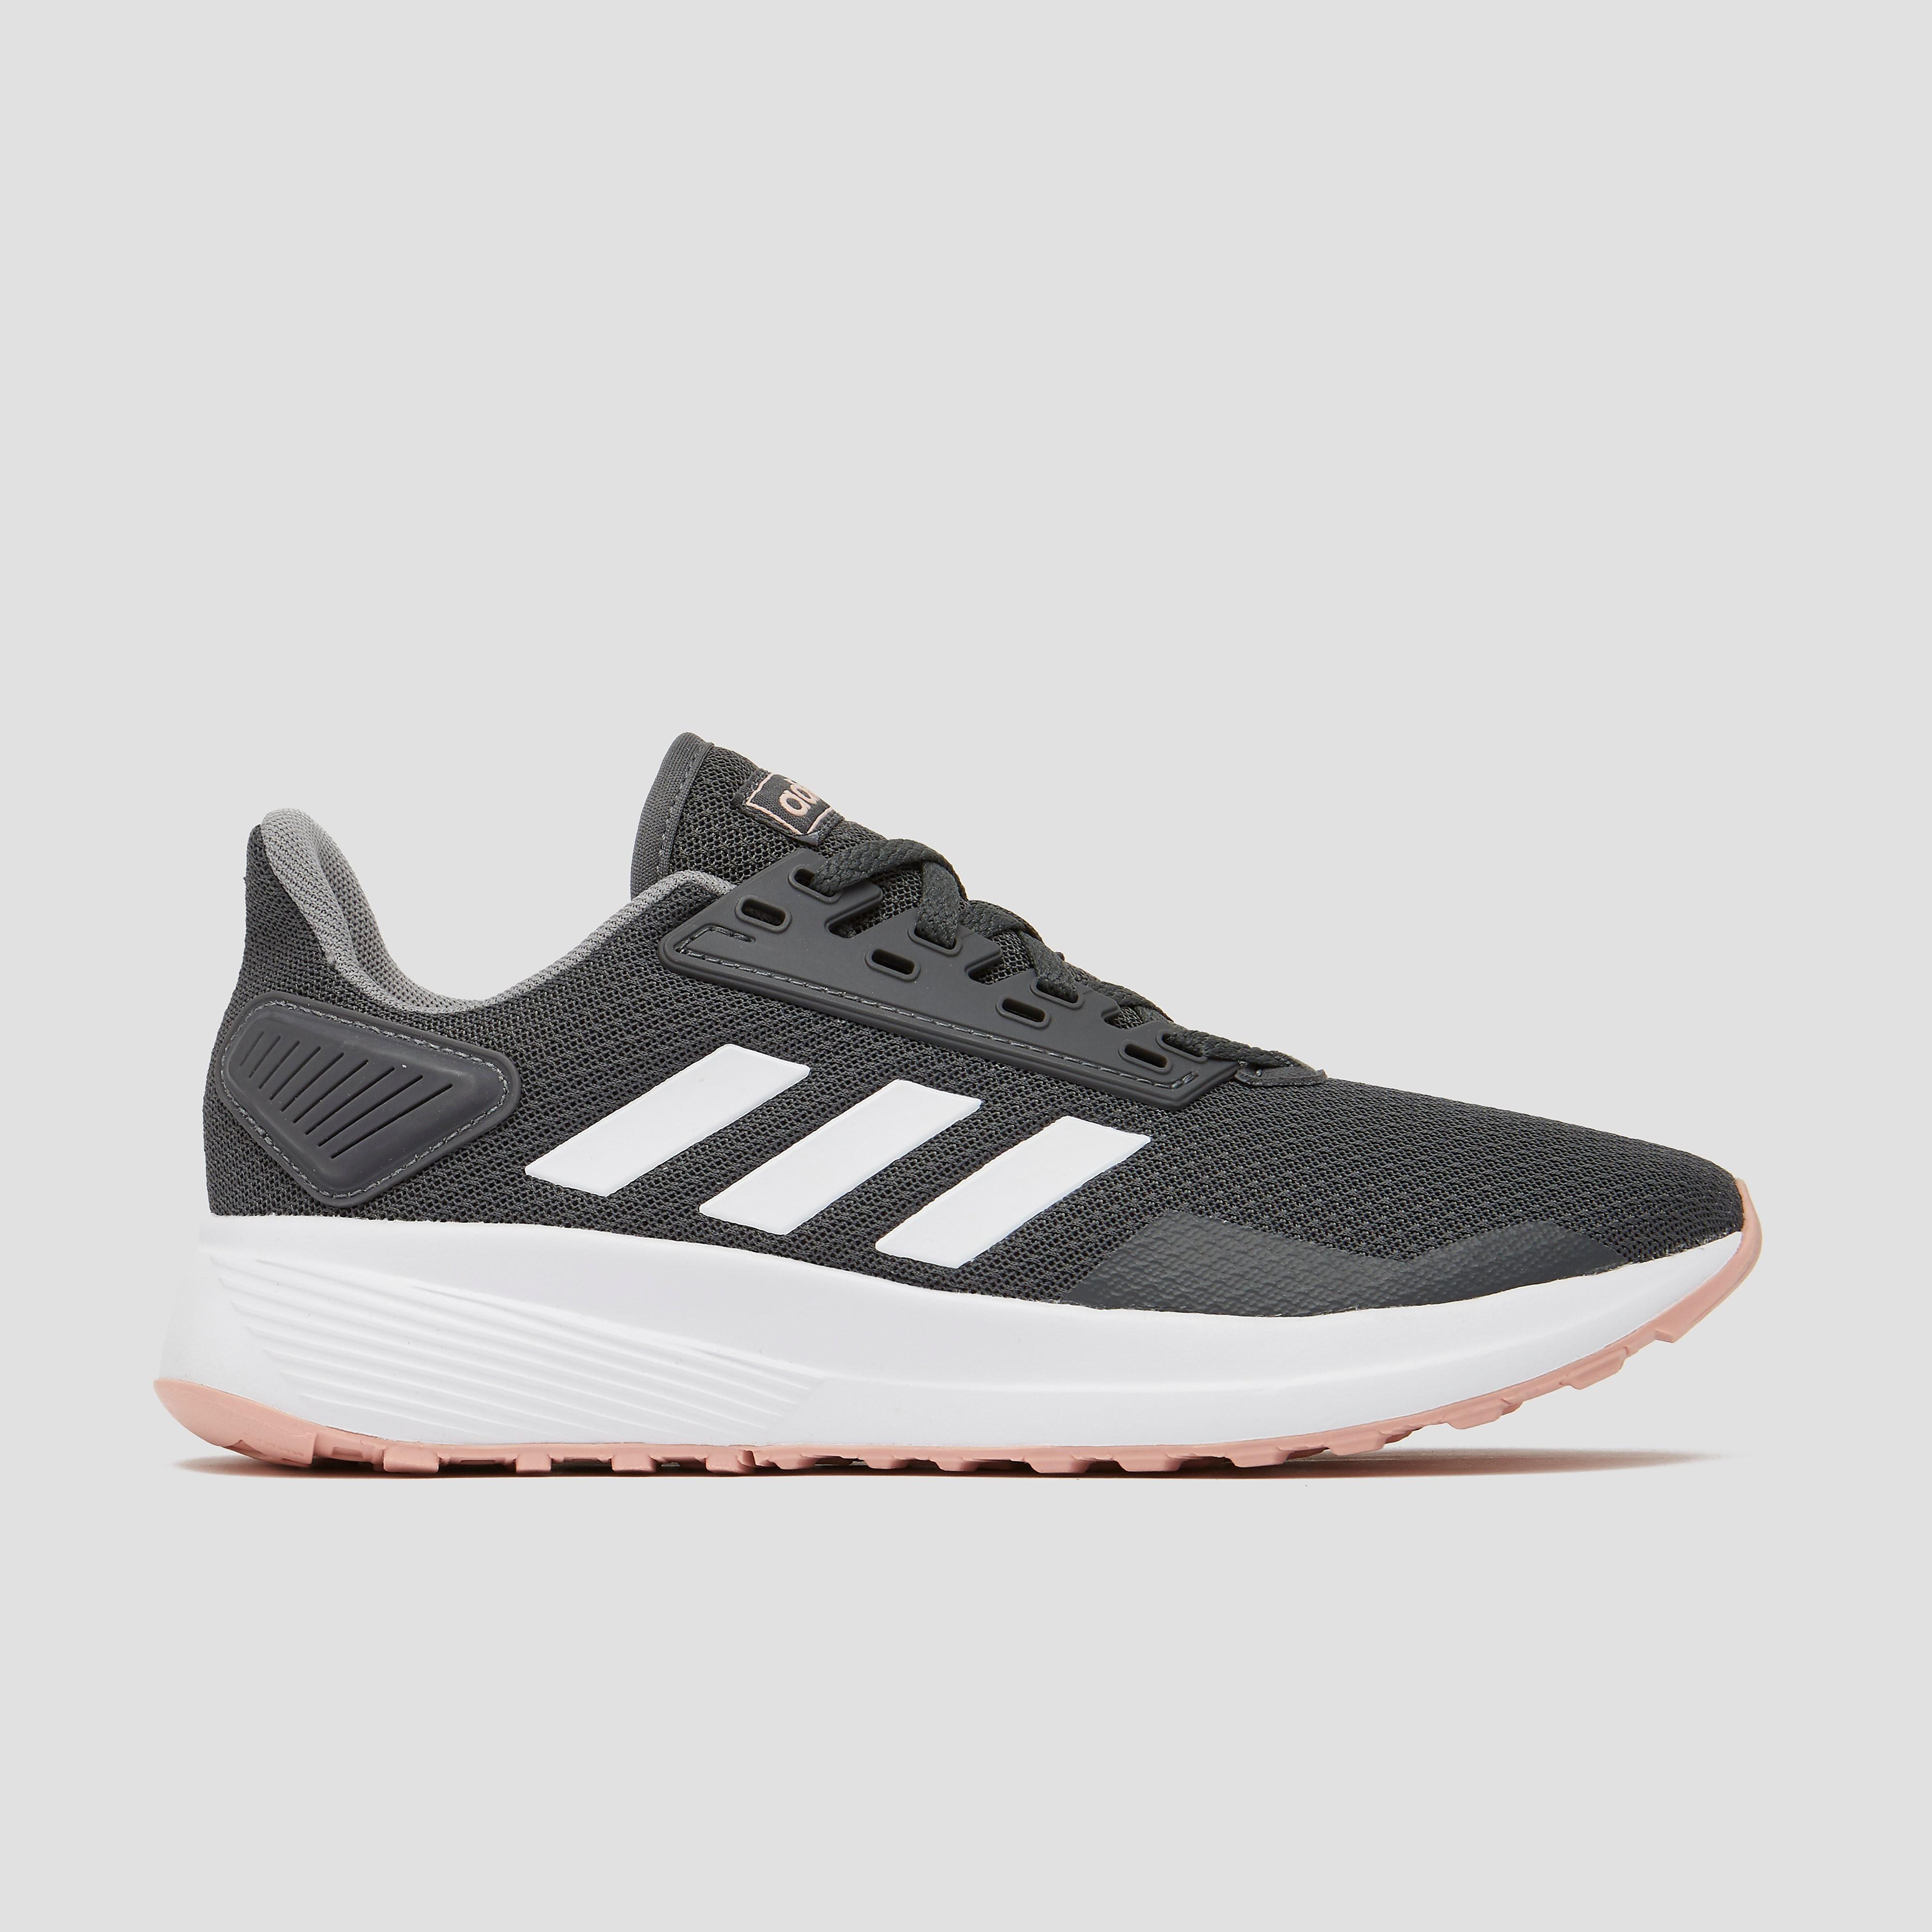 adidas Duramo hardloopschoenen zwart/wit dames Dames